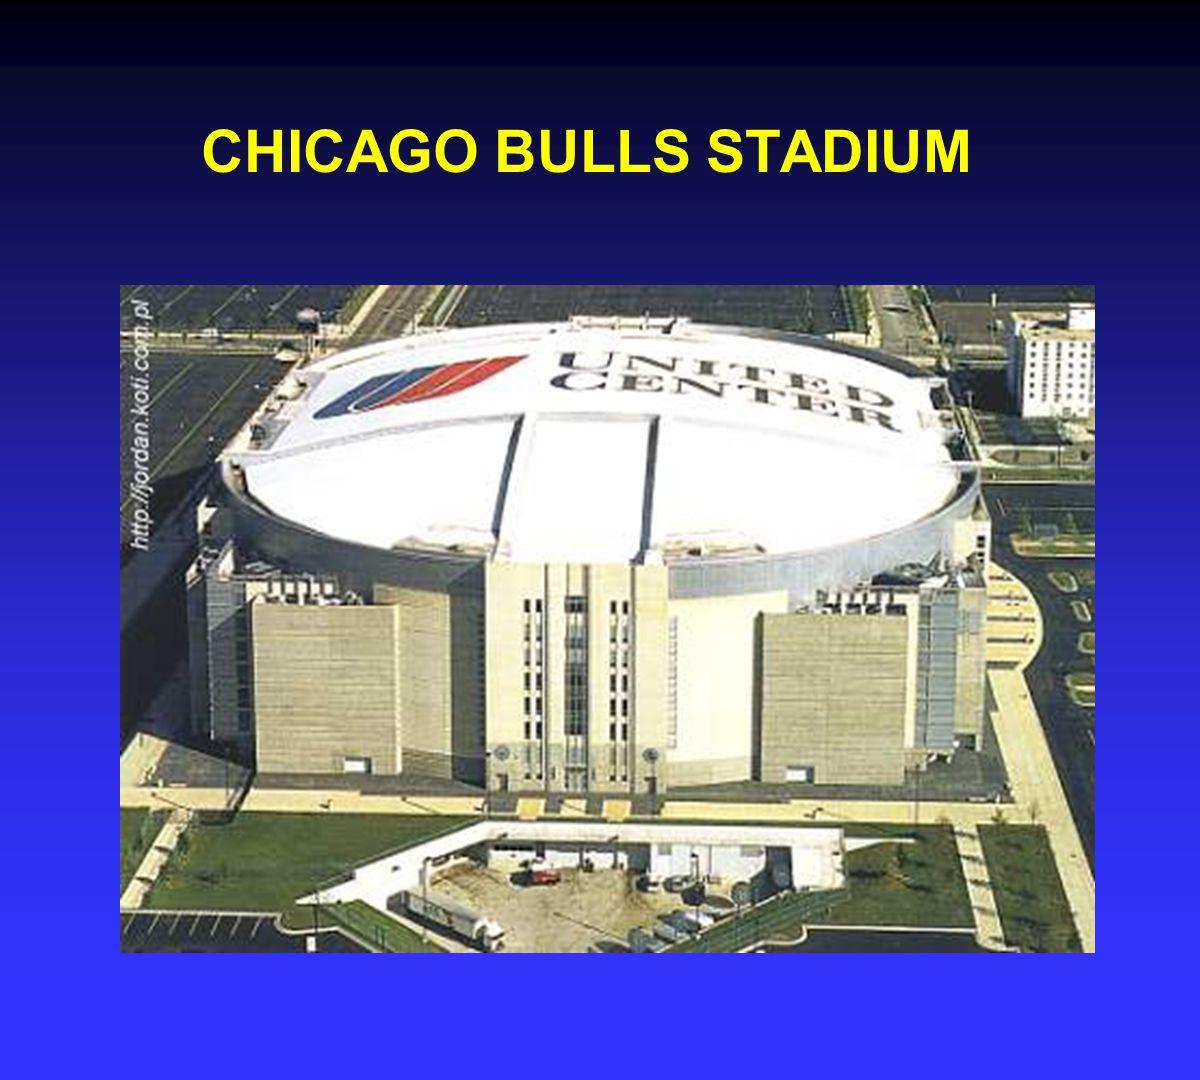 CHICAGO BULLS STADIUM